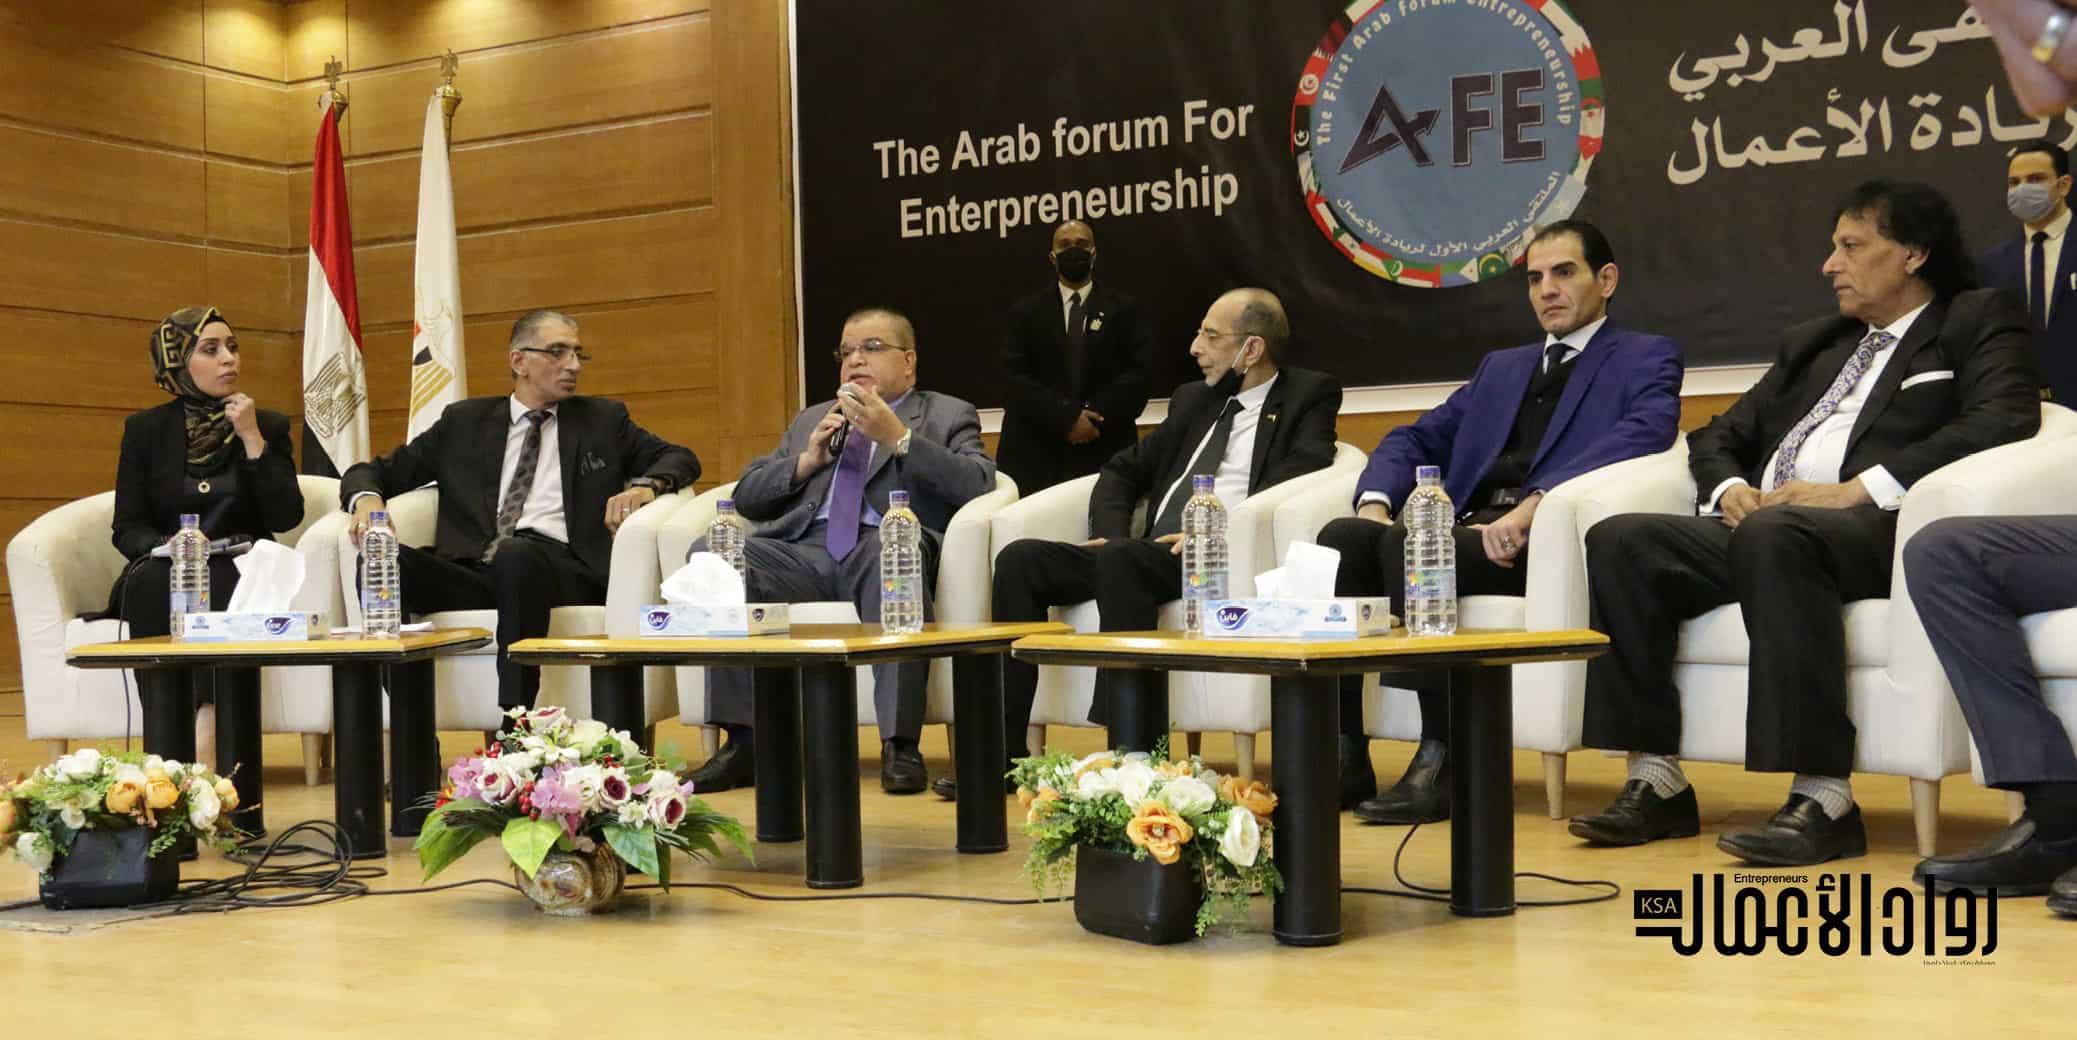 الملتقى العربي الأول لريادة الأعمال